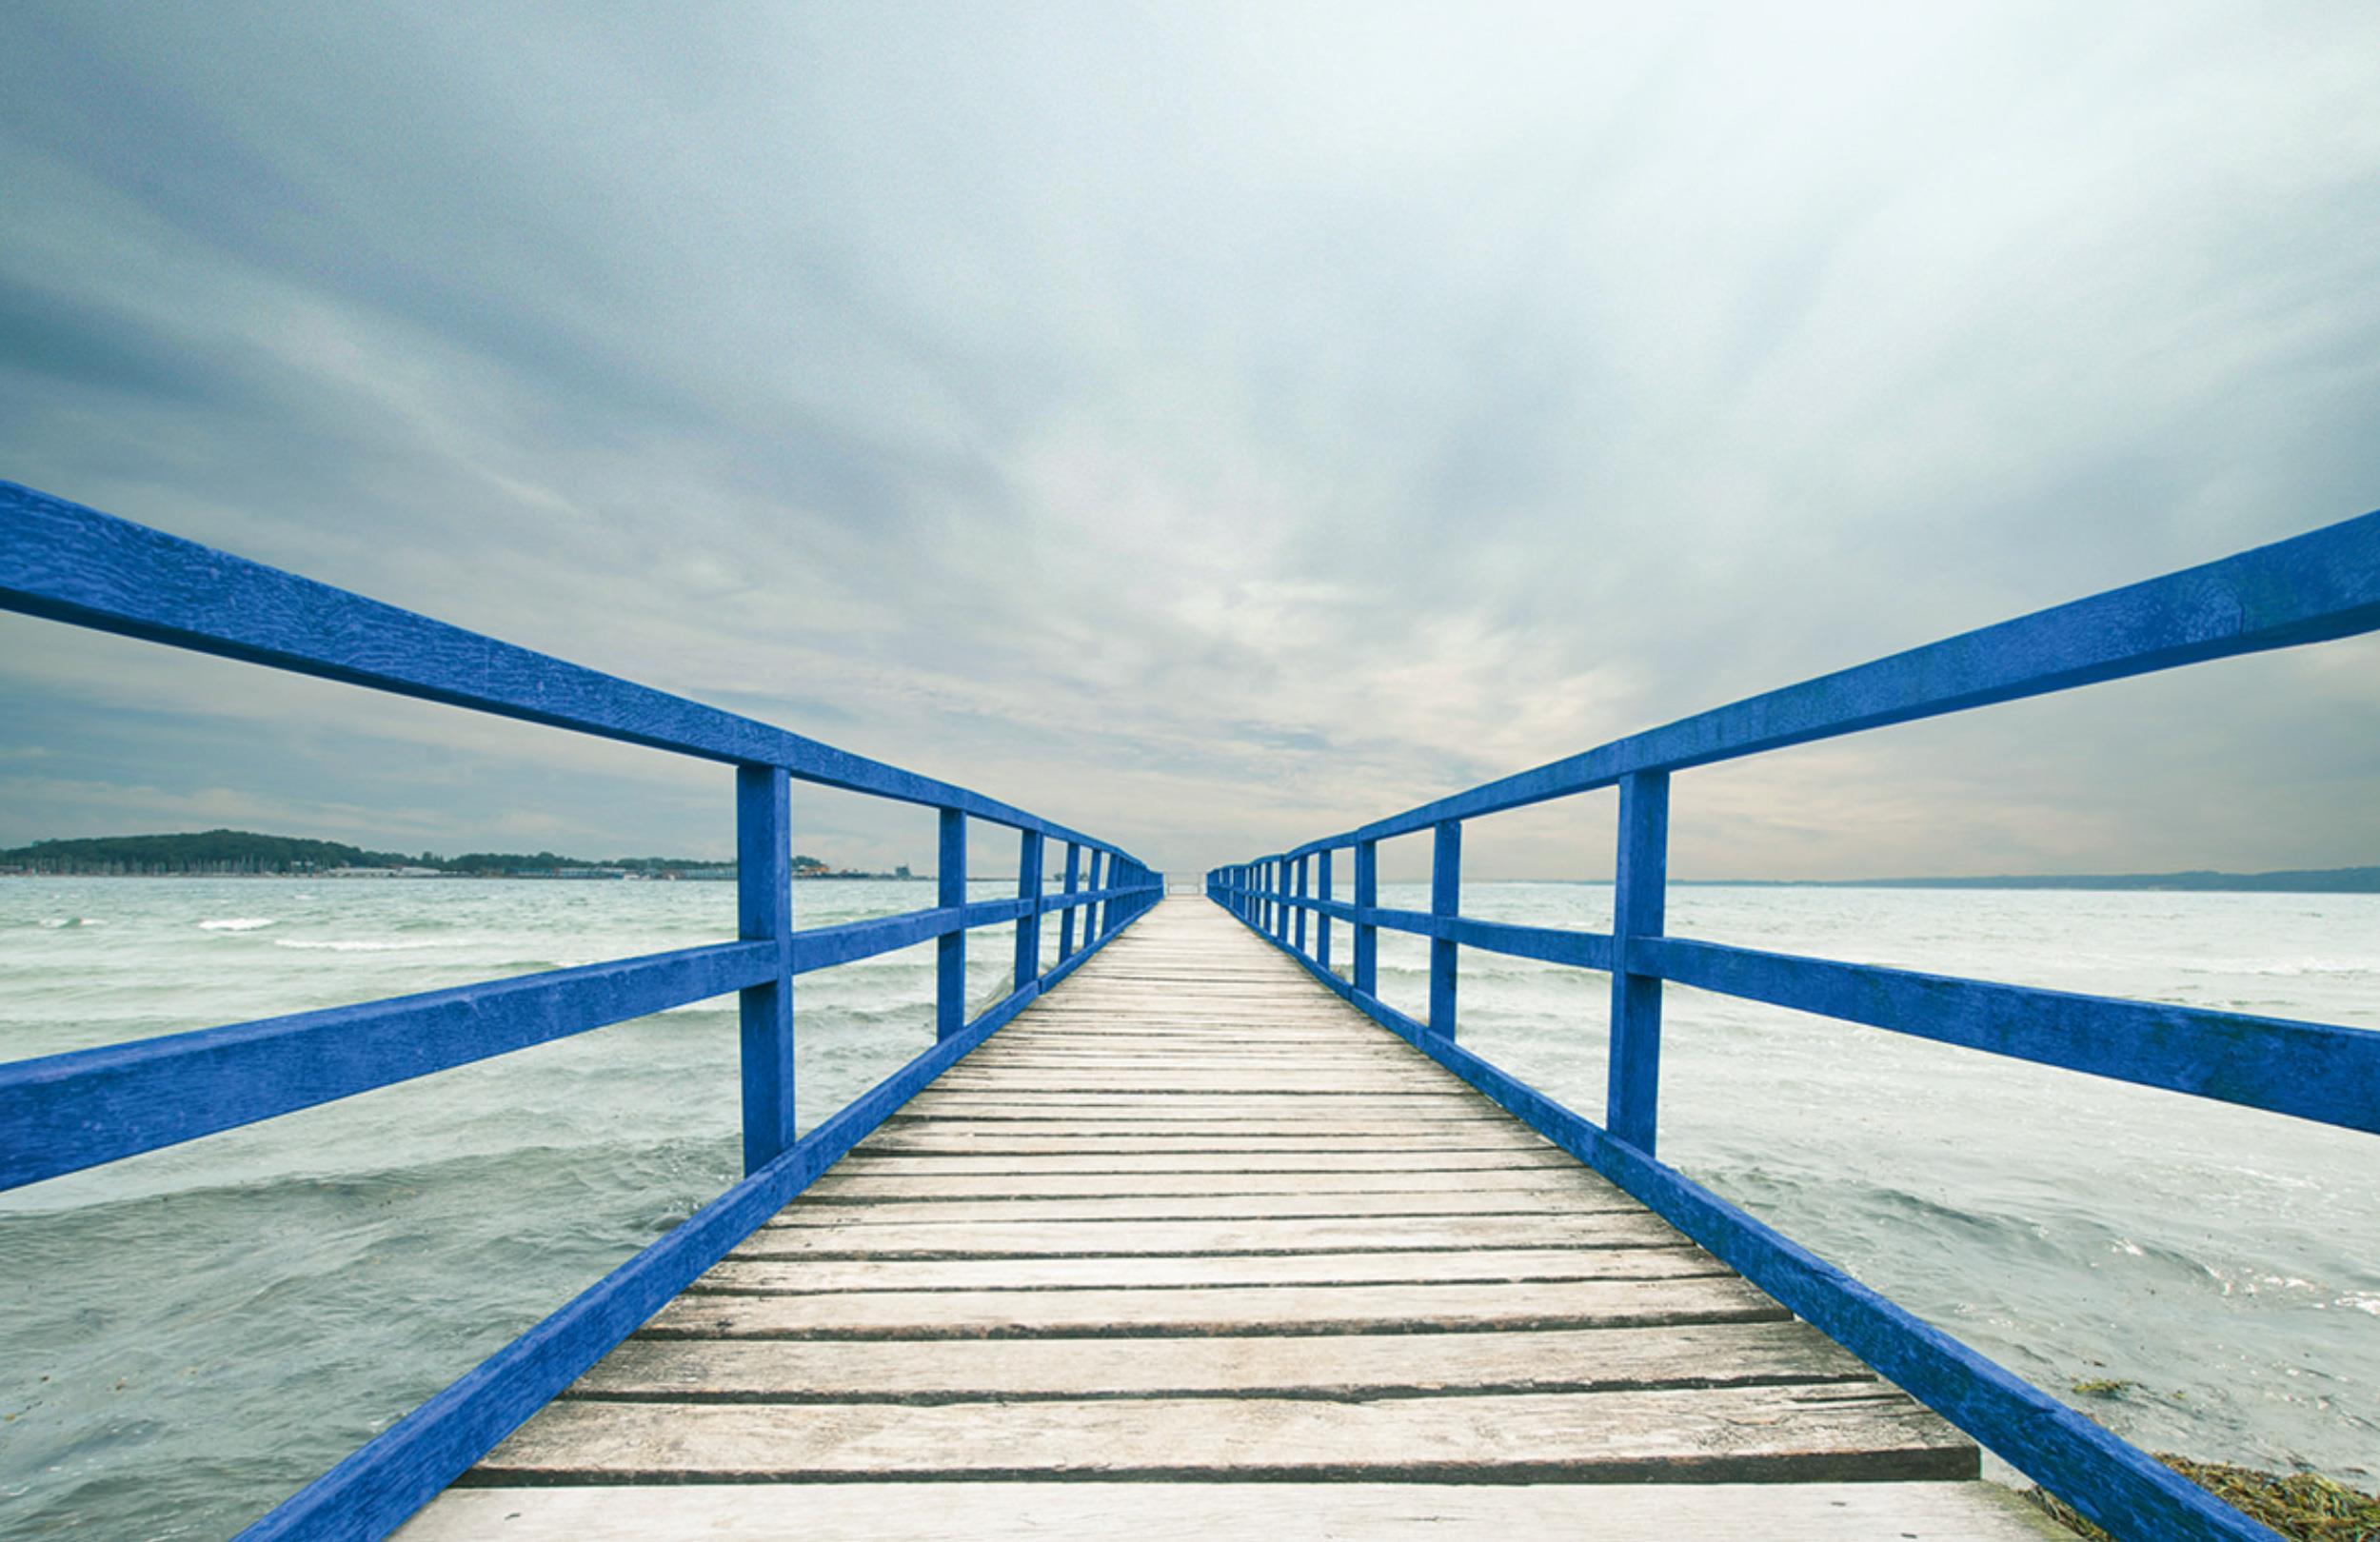 Brücke mit blauem Geländer